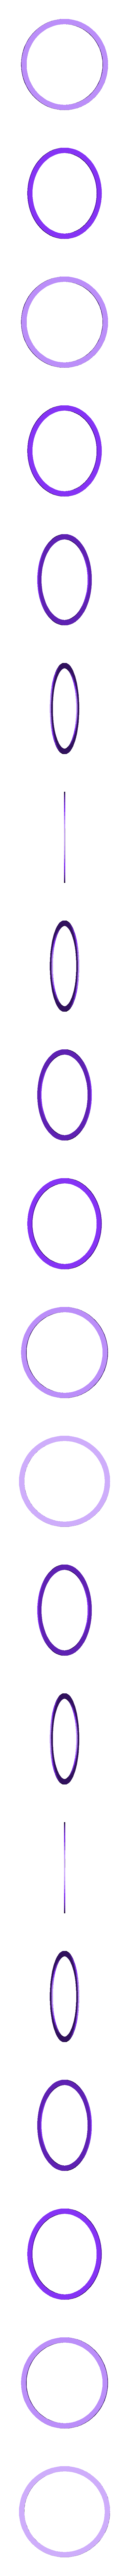 Dyna_Trash_v2_spacer.stl Download free STL file Dyna-Trash v2 Wide mouth mason Jar abv storage • Template to 3D print, PM_ME_YOUR_VALUE